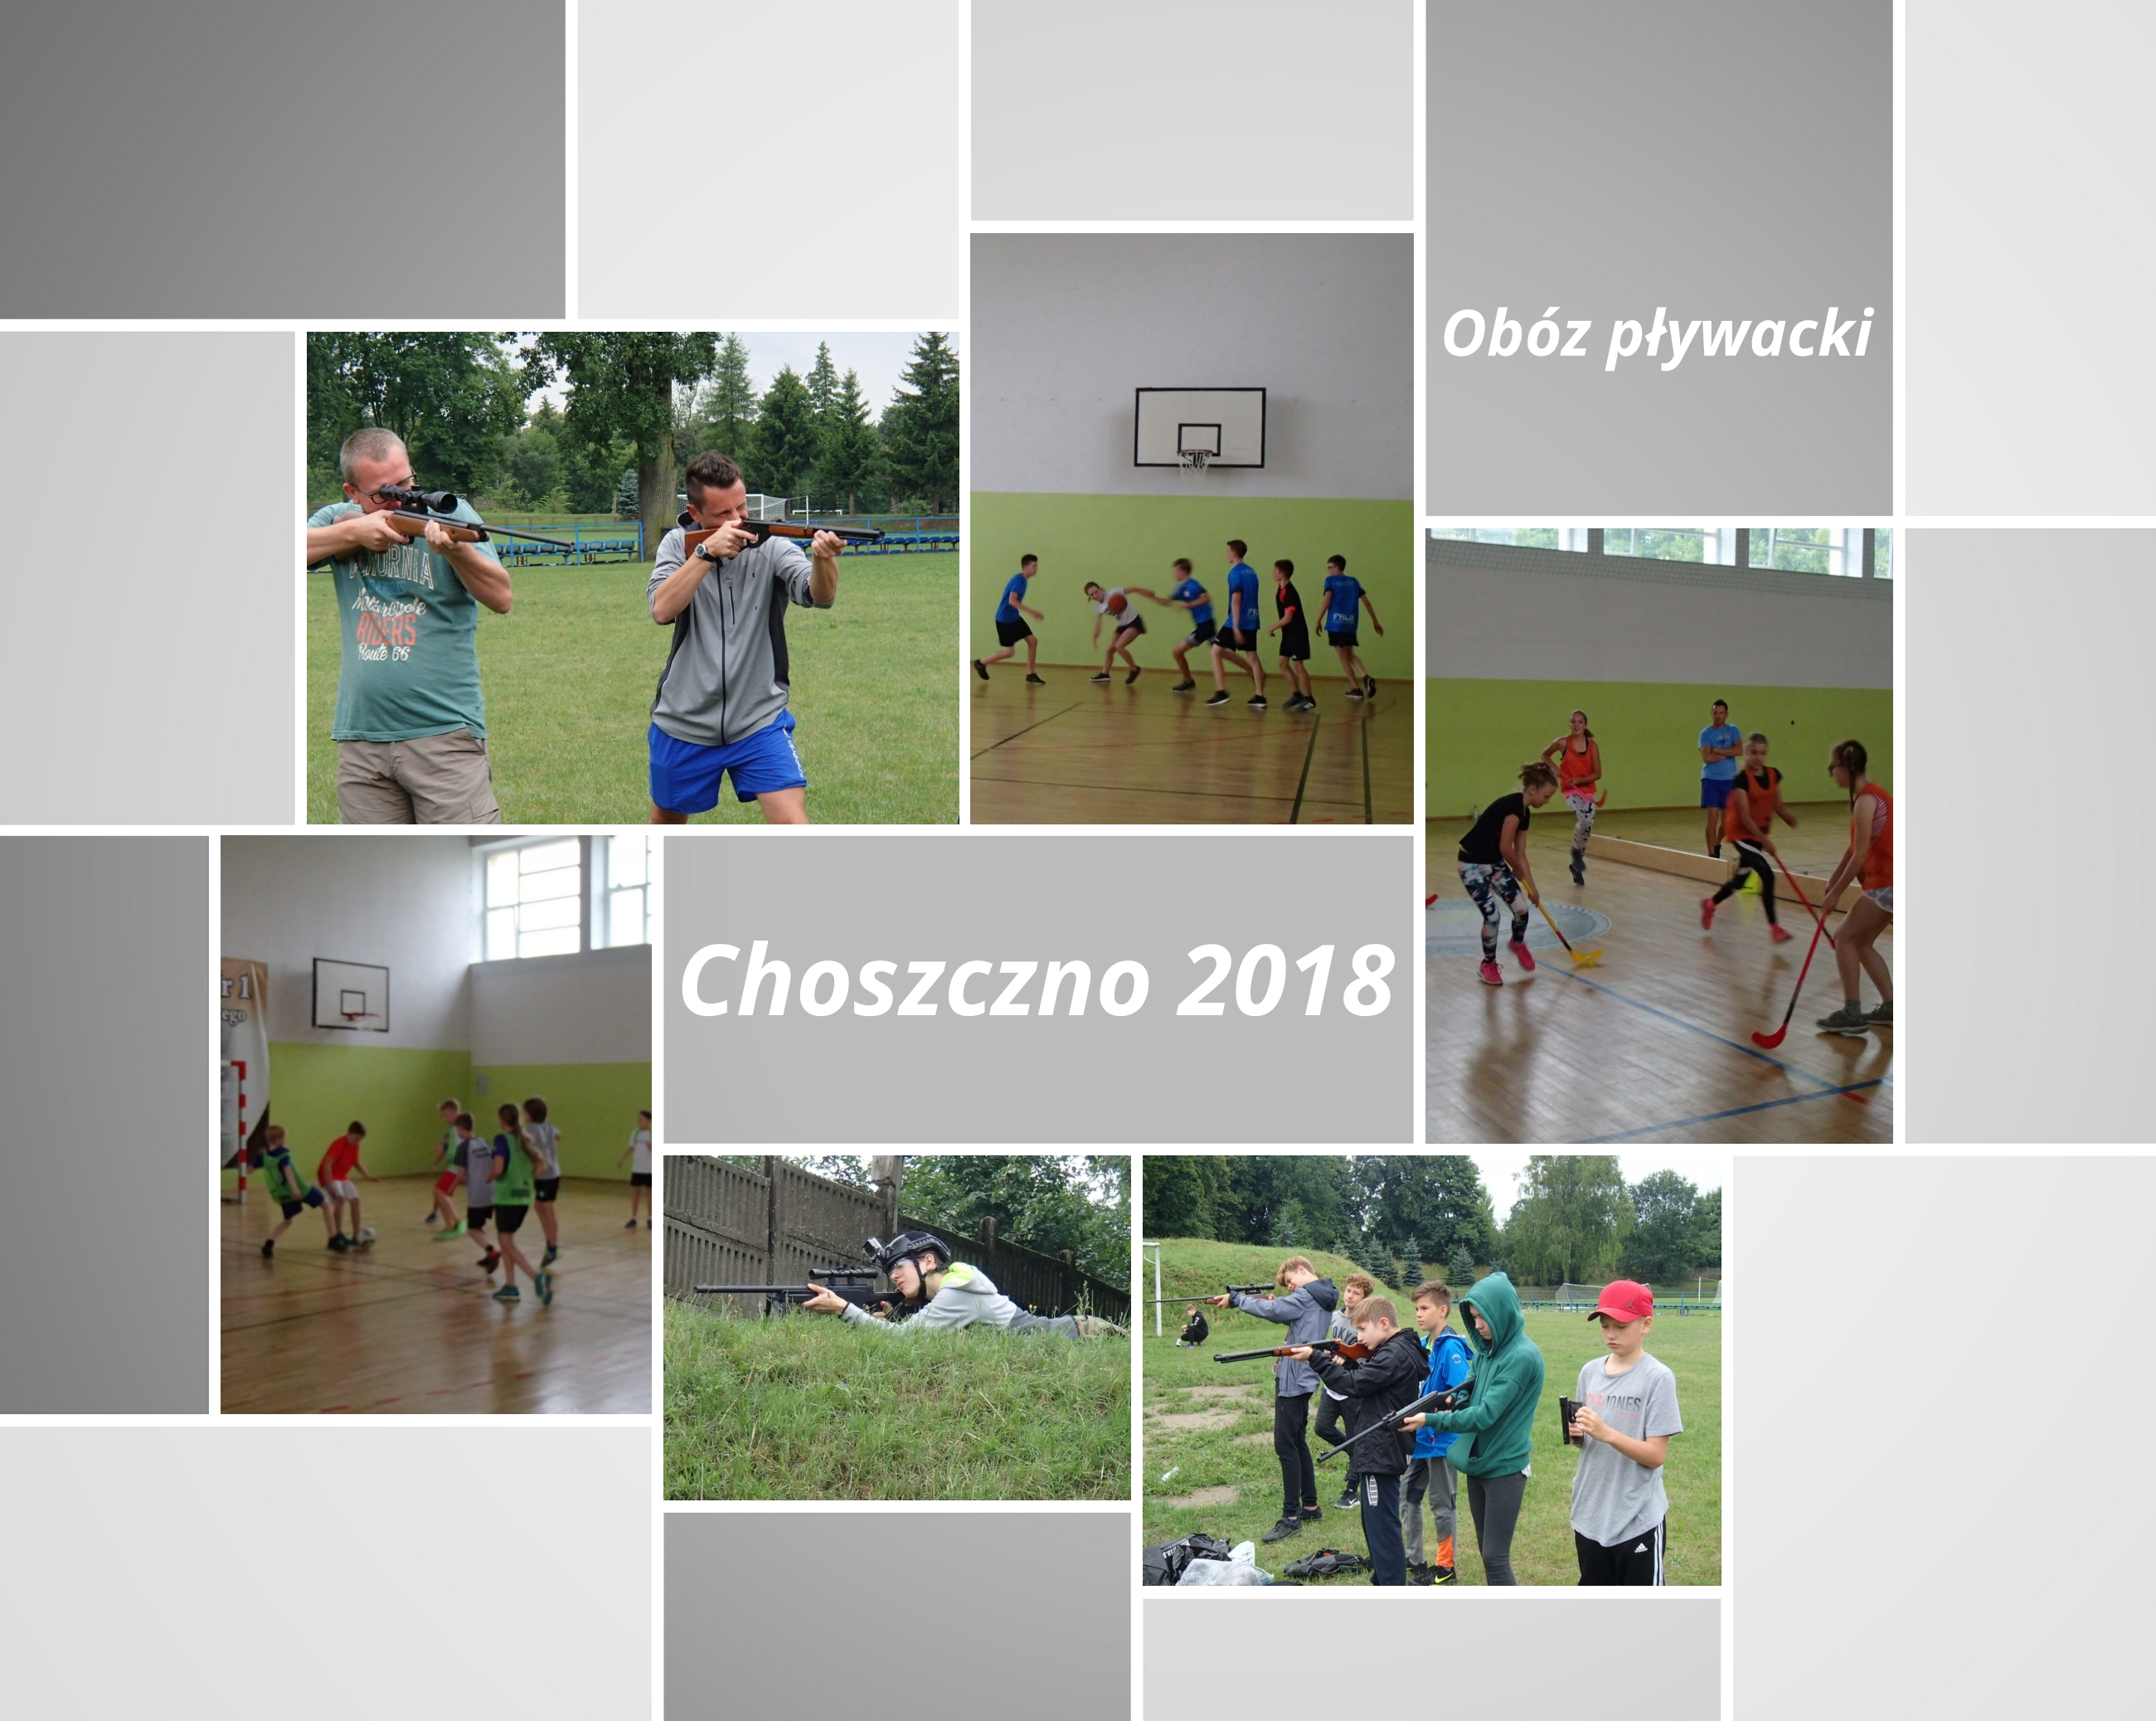 Choszczno 2018 – obóz pływacki rozpoczęty.